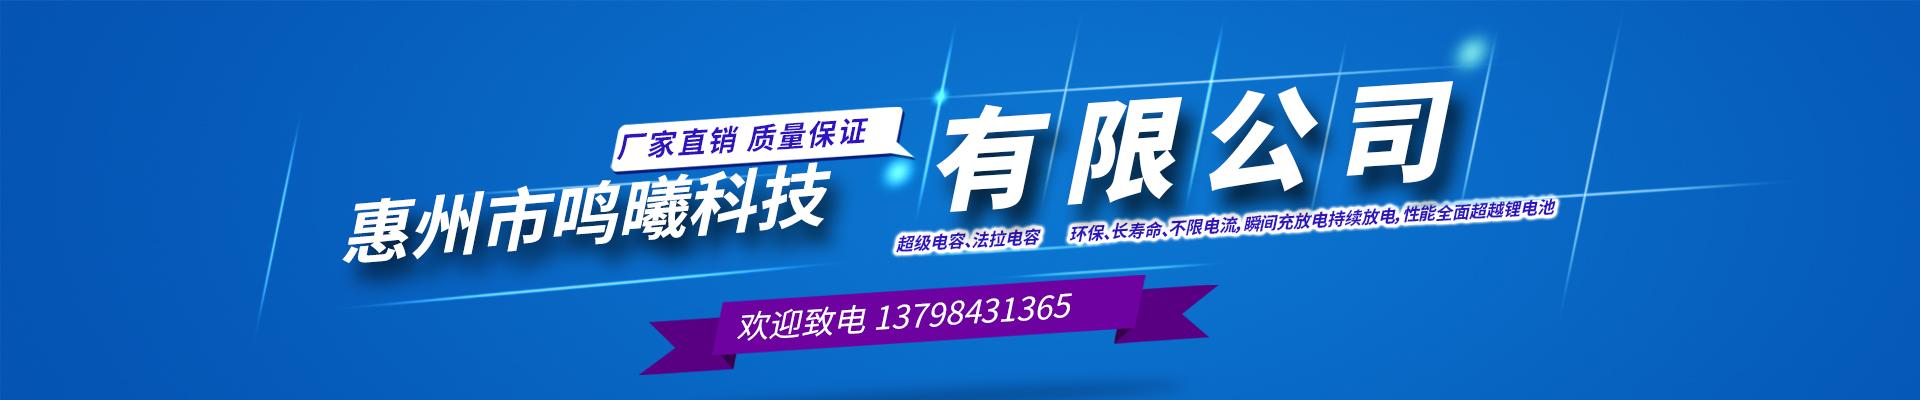 惠州市鸣曦科技有限公司